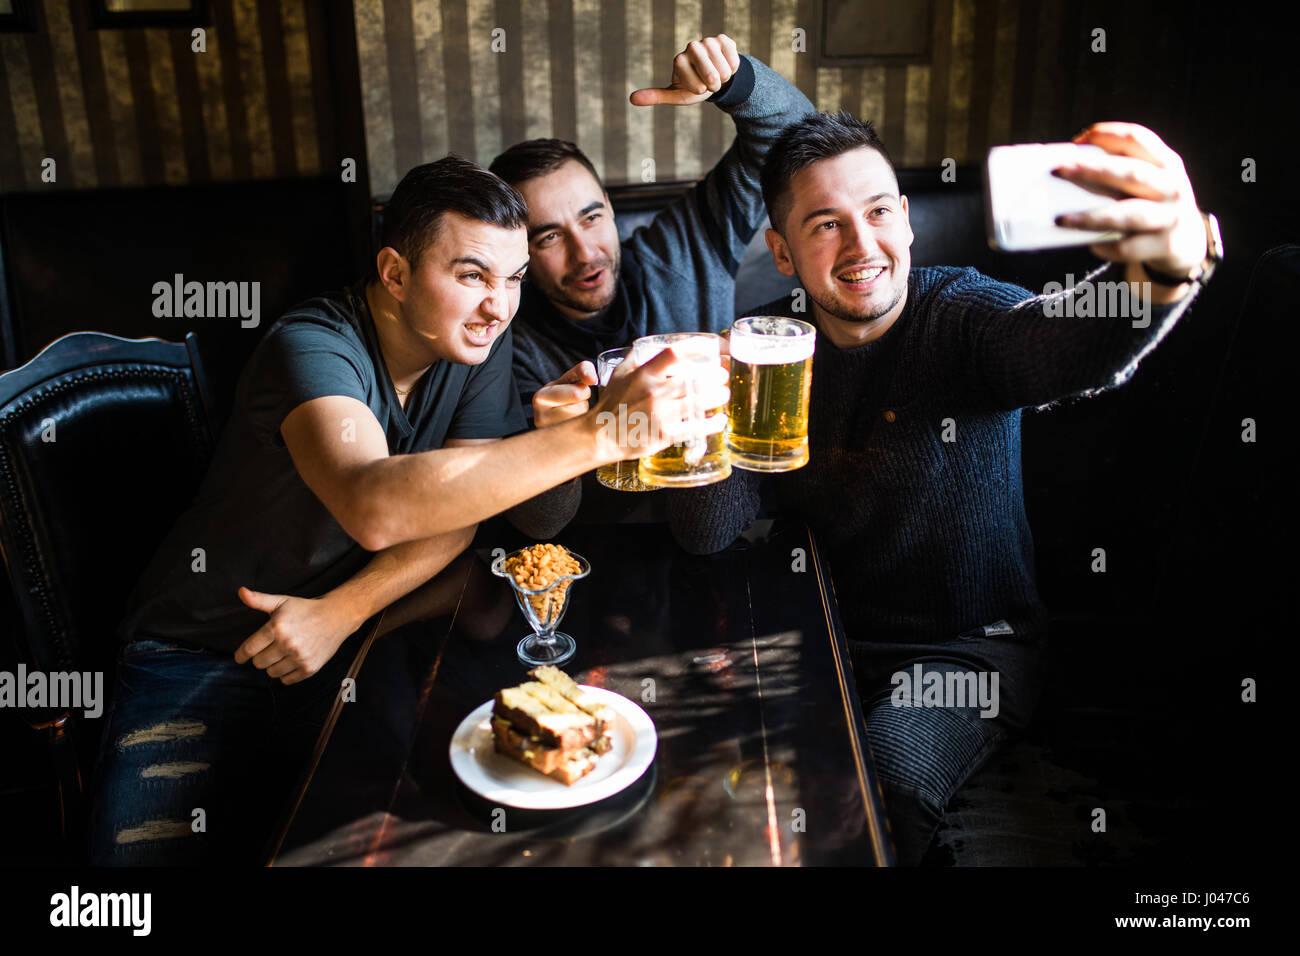 Les gens, les loisirs, l'amitié, de la technologie et de l'homme heureux - concept parti prenant d'amis Photo Stock